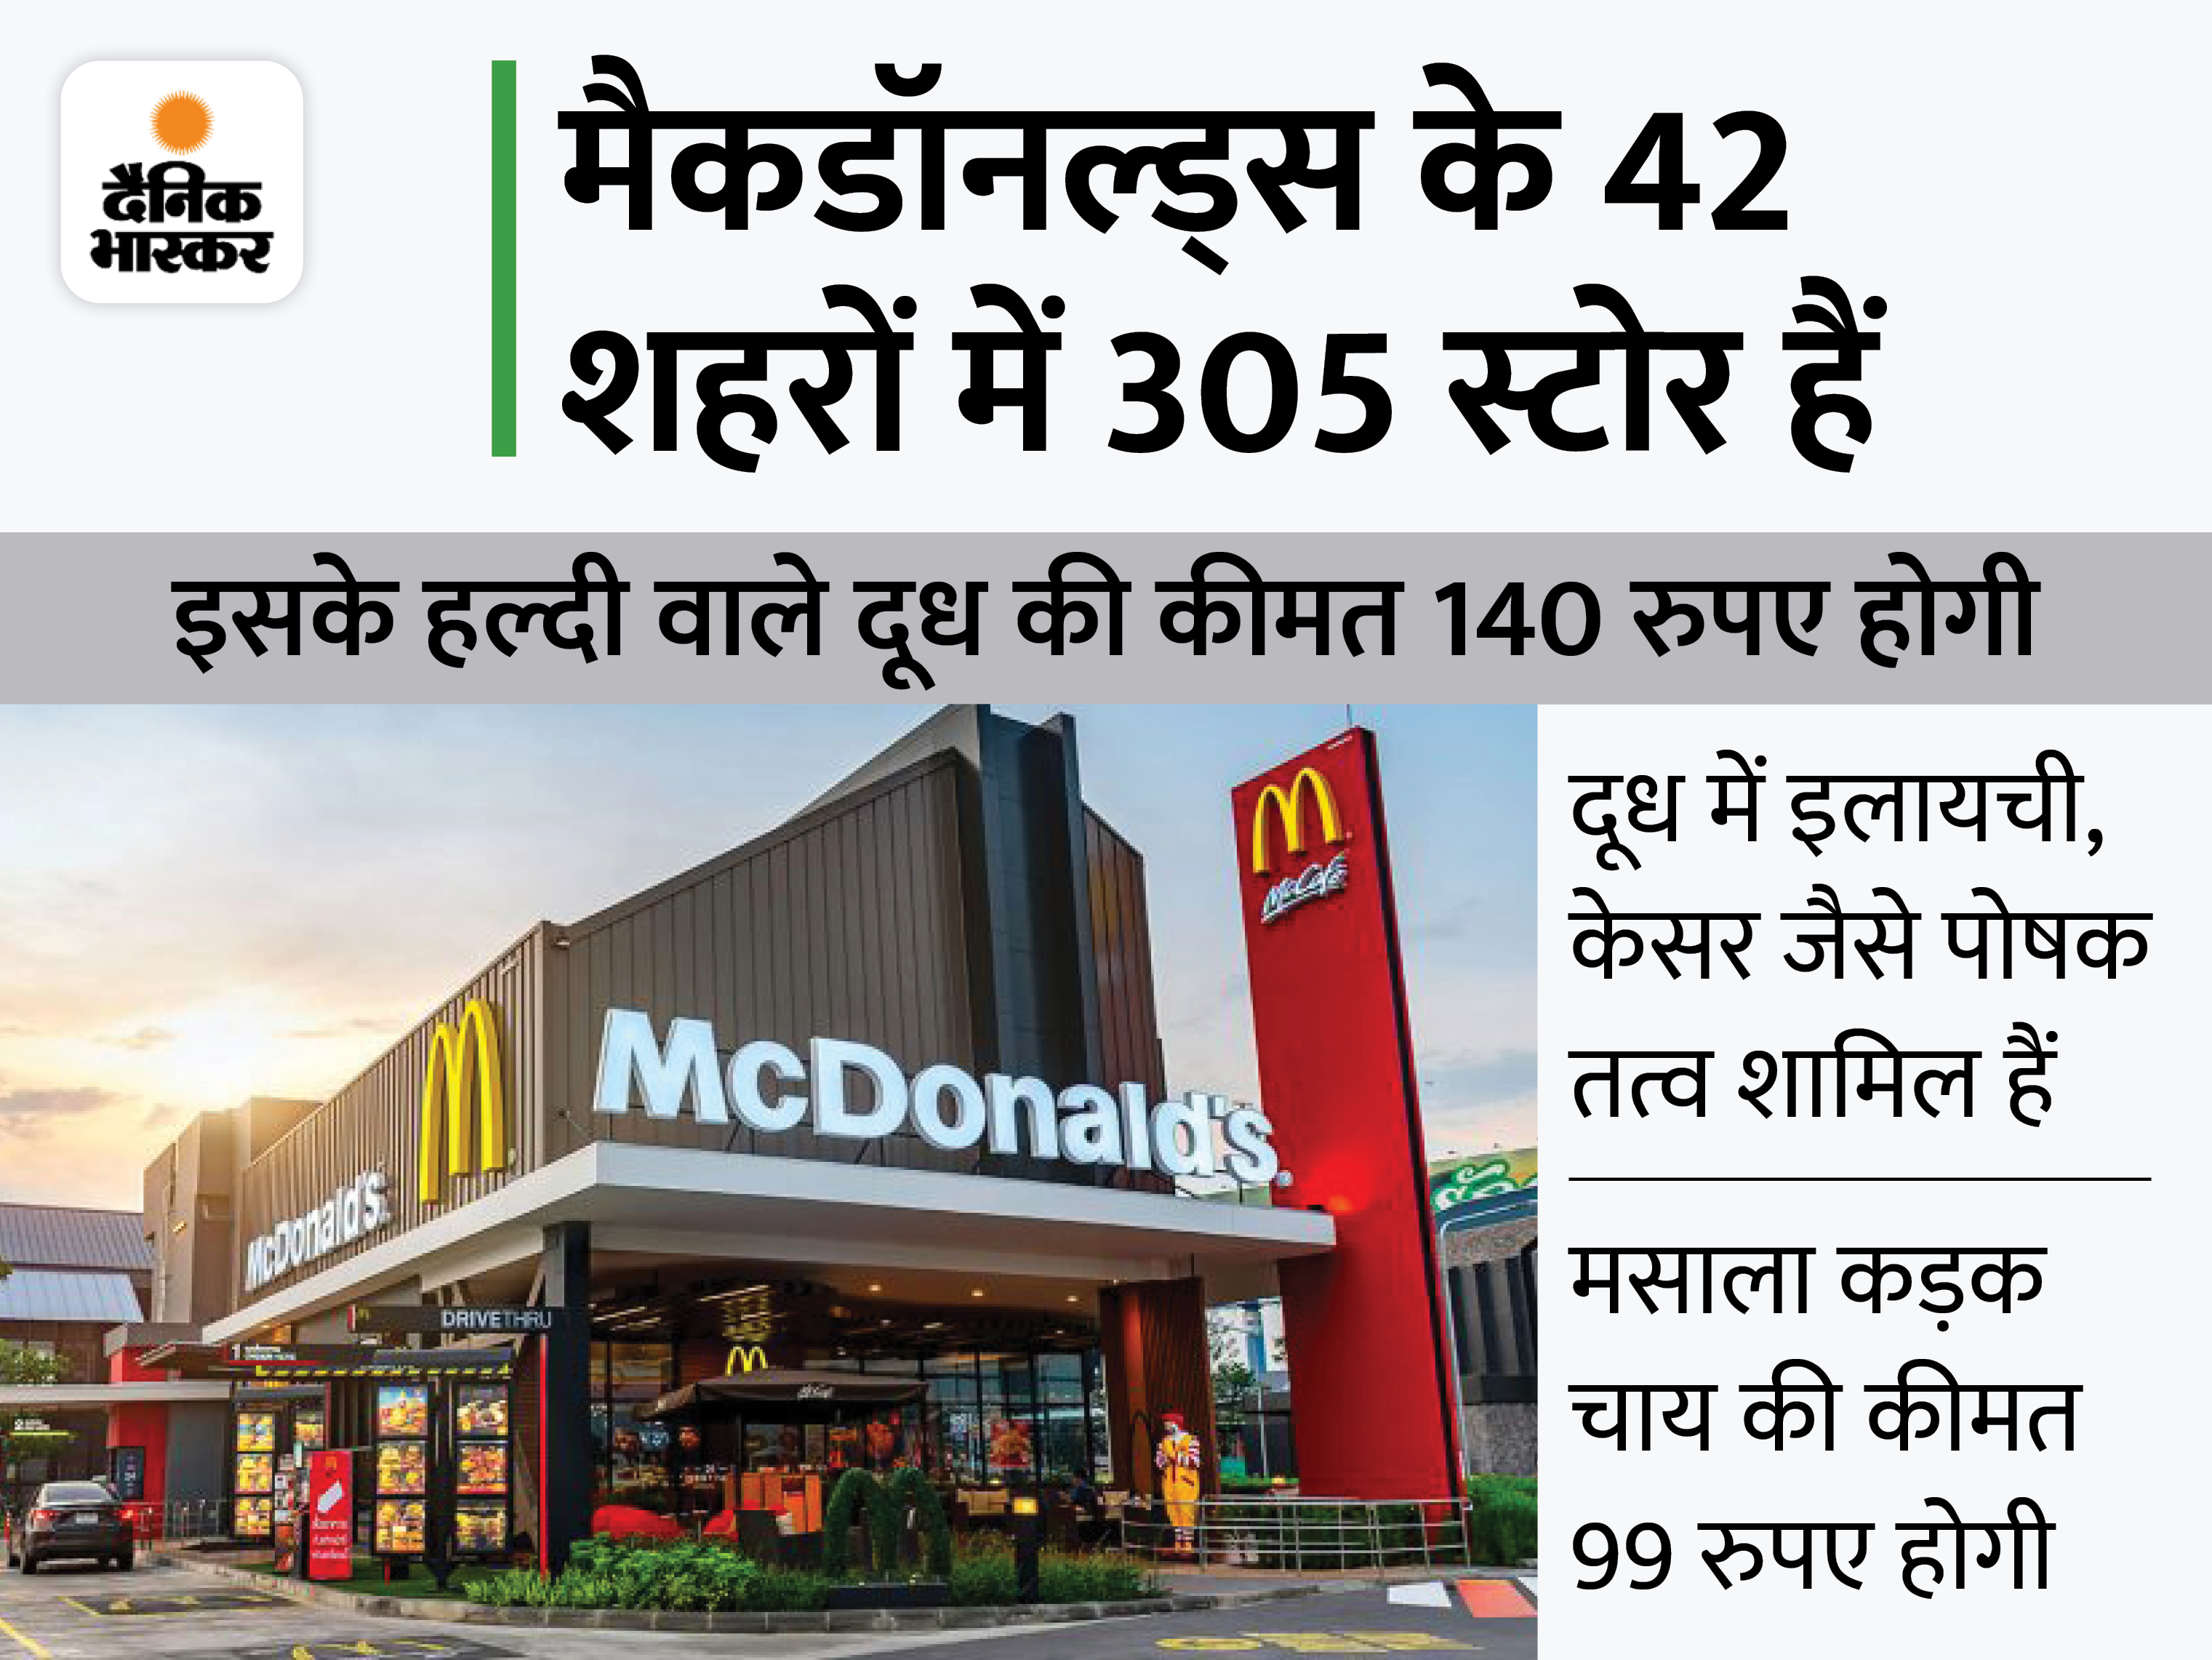 मैकडी में अब मसाला कड़क चाय और हल्दी वाला दूध भी मिलेगा, इम्यूनिटी बूस्टर पर कंपनी का फोकस|बिजनेस,Business - Dainik Bhaskar